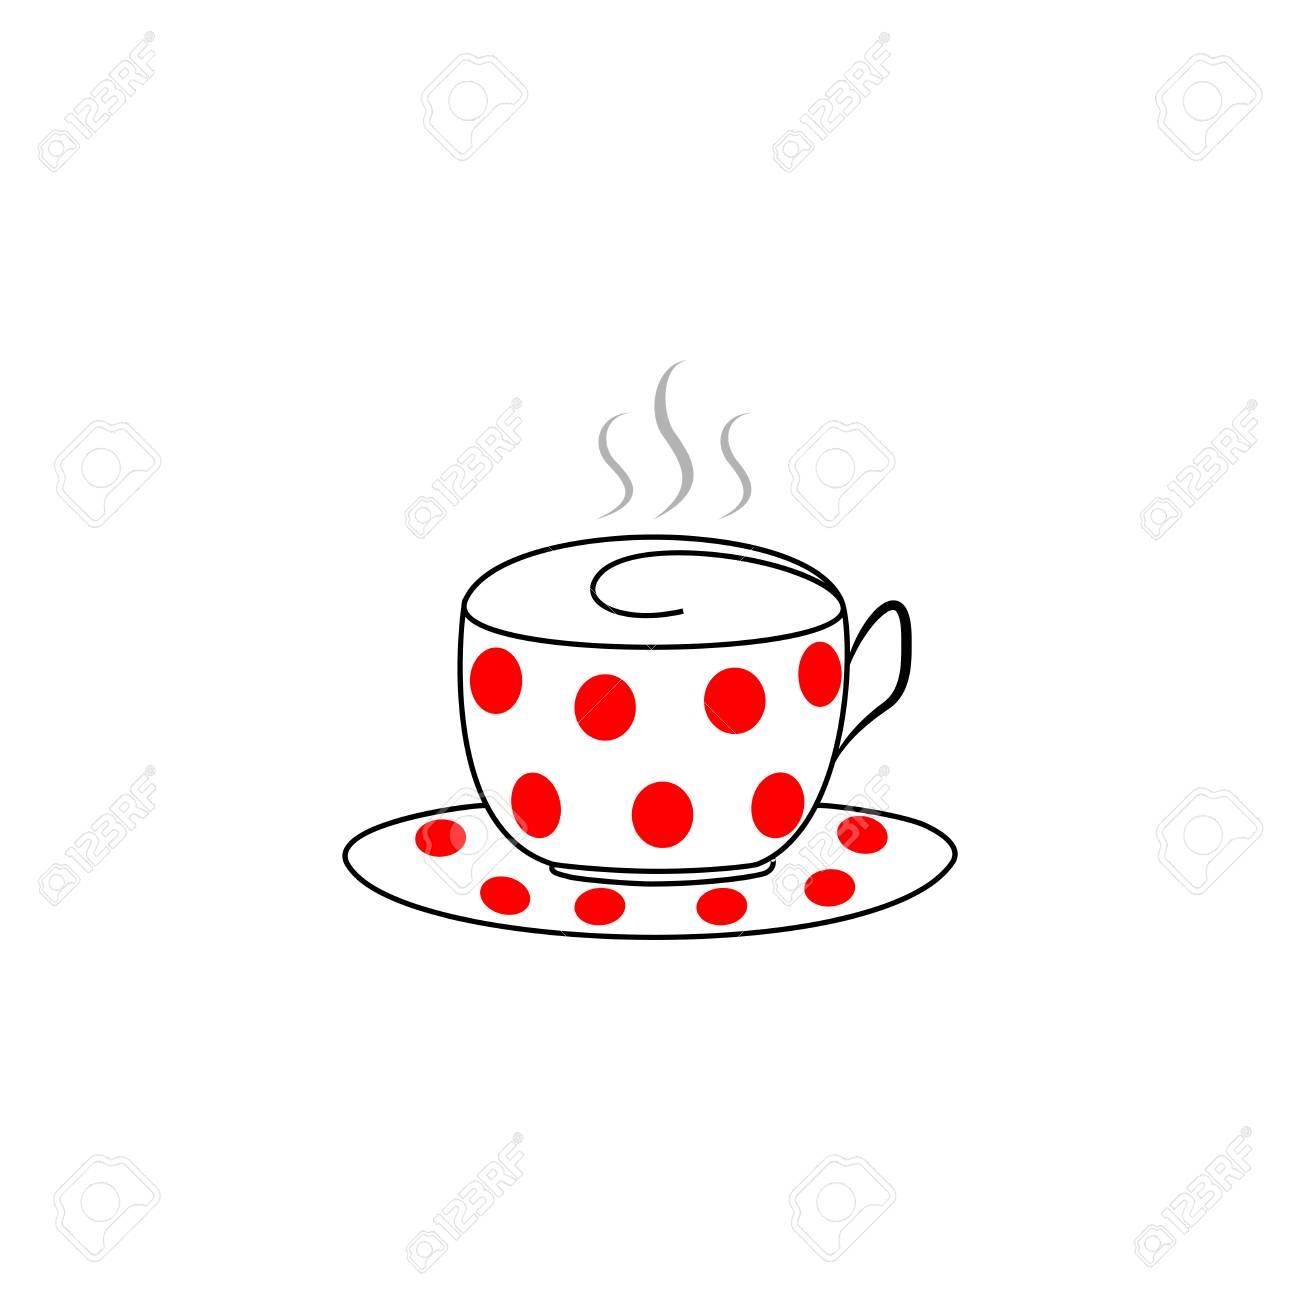 Et L'arôme Icône CaféMug Fond Sur Tasse Silhouette BoireSymbole Le De Pour BlancBol Soucoupe ThéLabel D'illustration Isolé QBChrtsdx